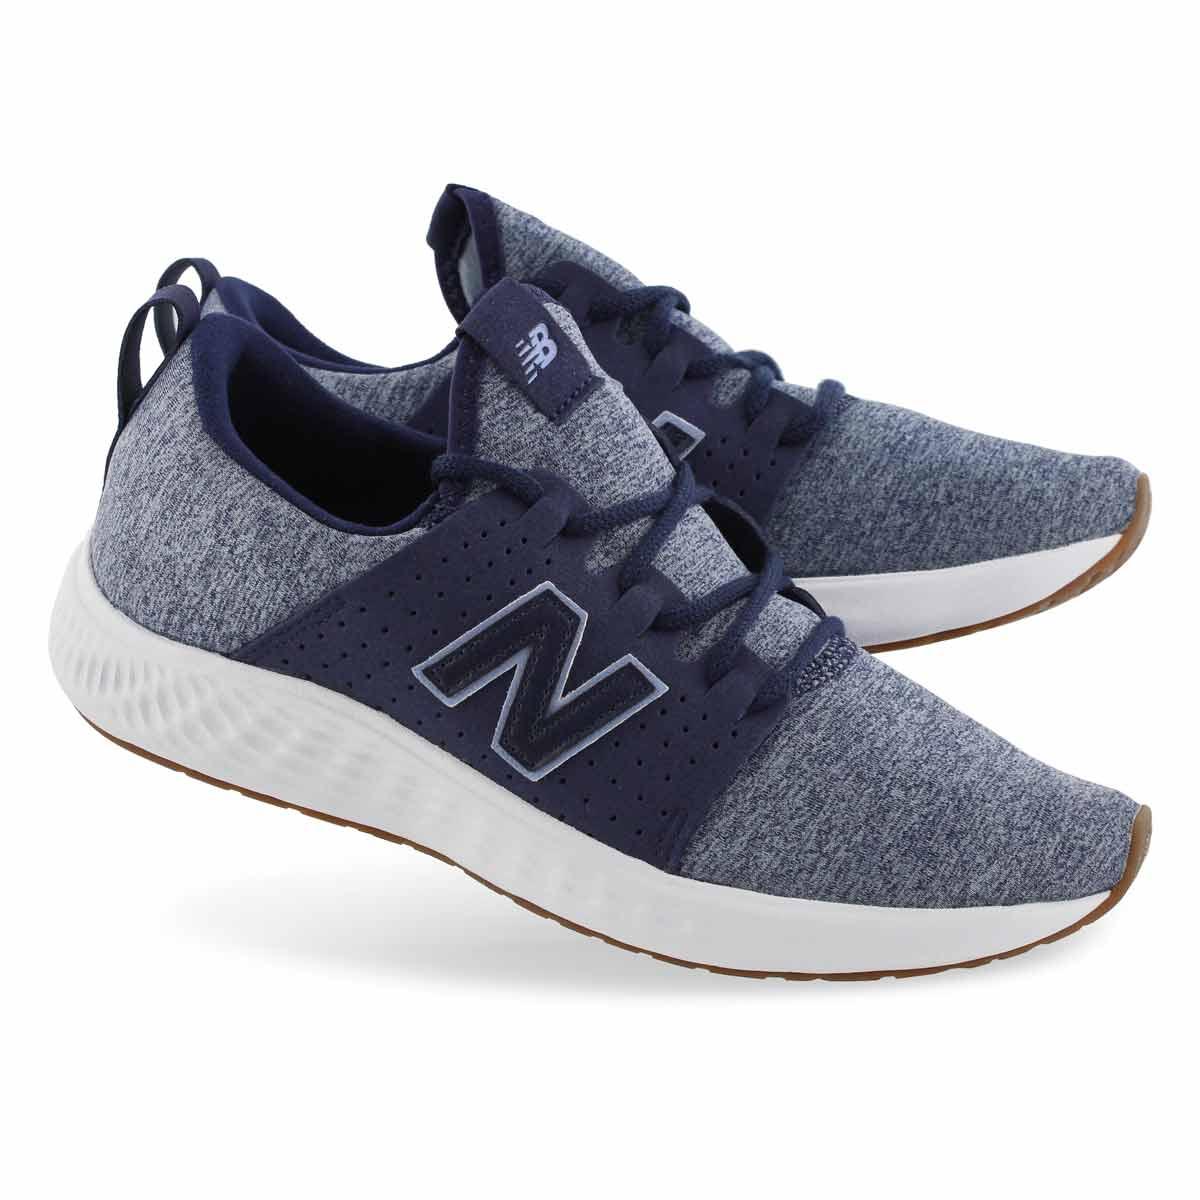 Chaussures de courseSPTv1,bleu, femme